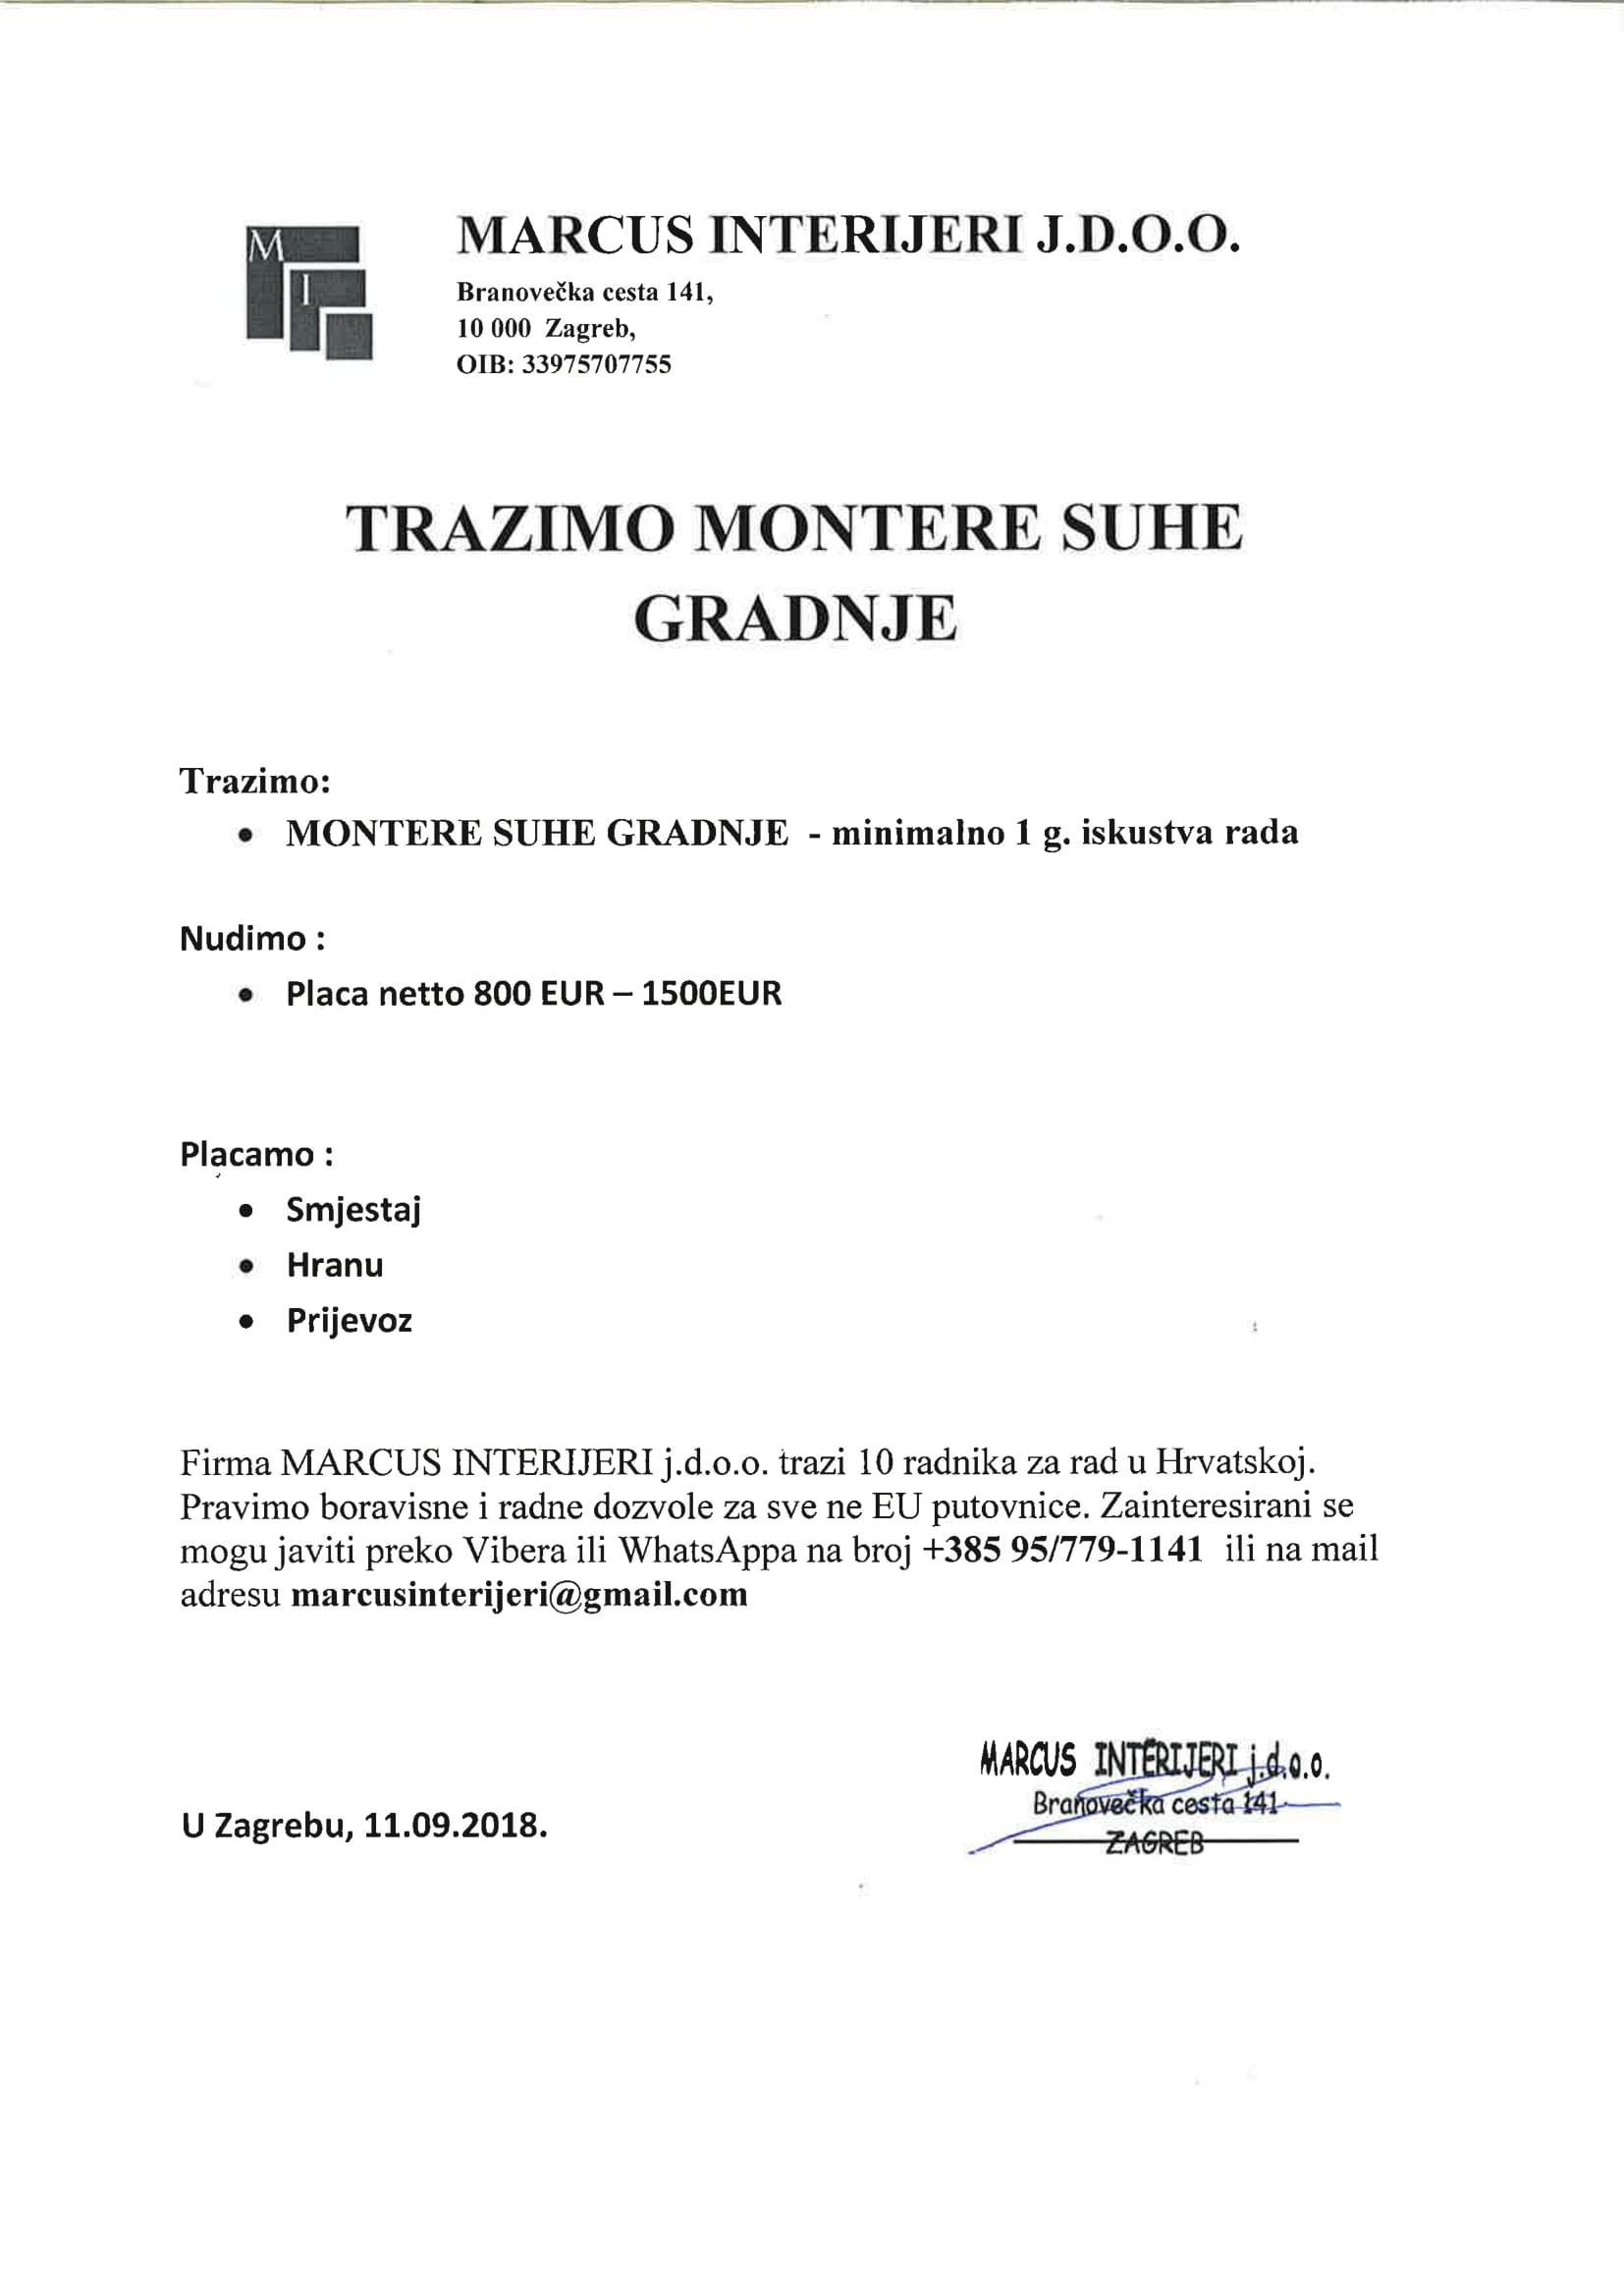 MARCUS INTERIJERI doo - Zagreb HR